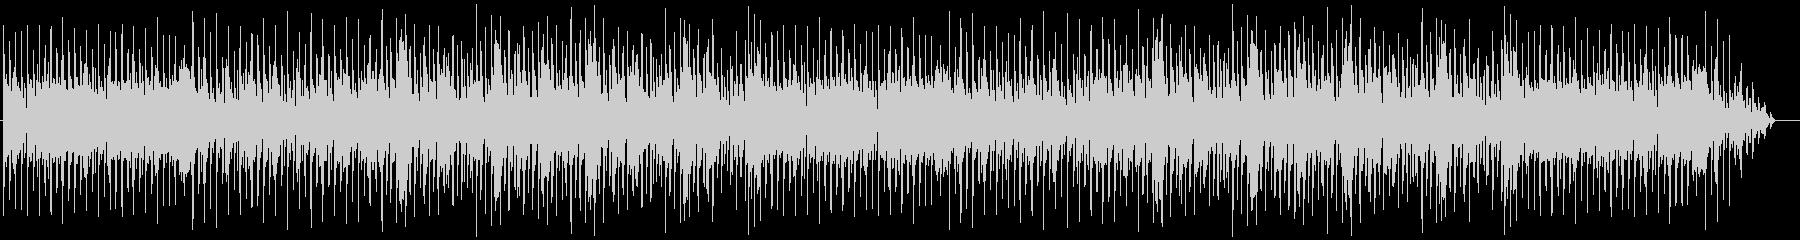 80年代PCゲーム風FM音源BGMの未再生の波形